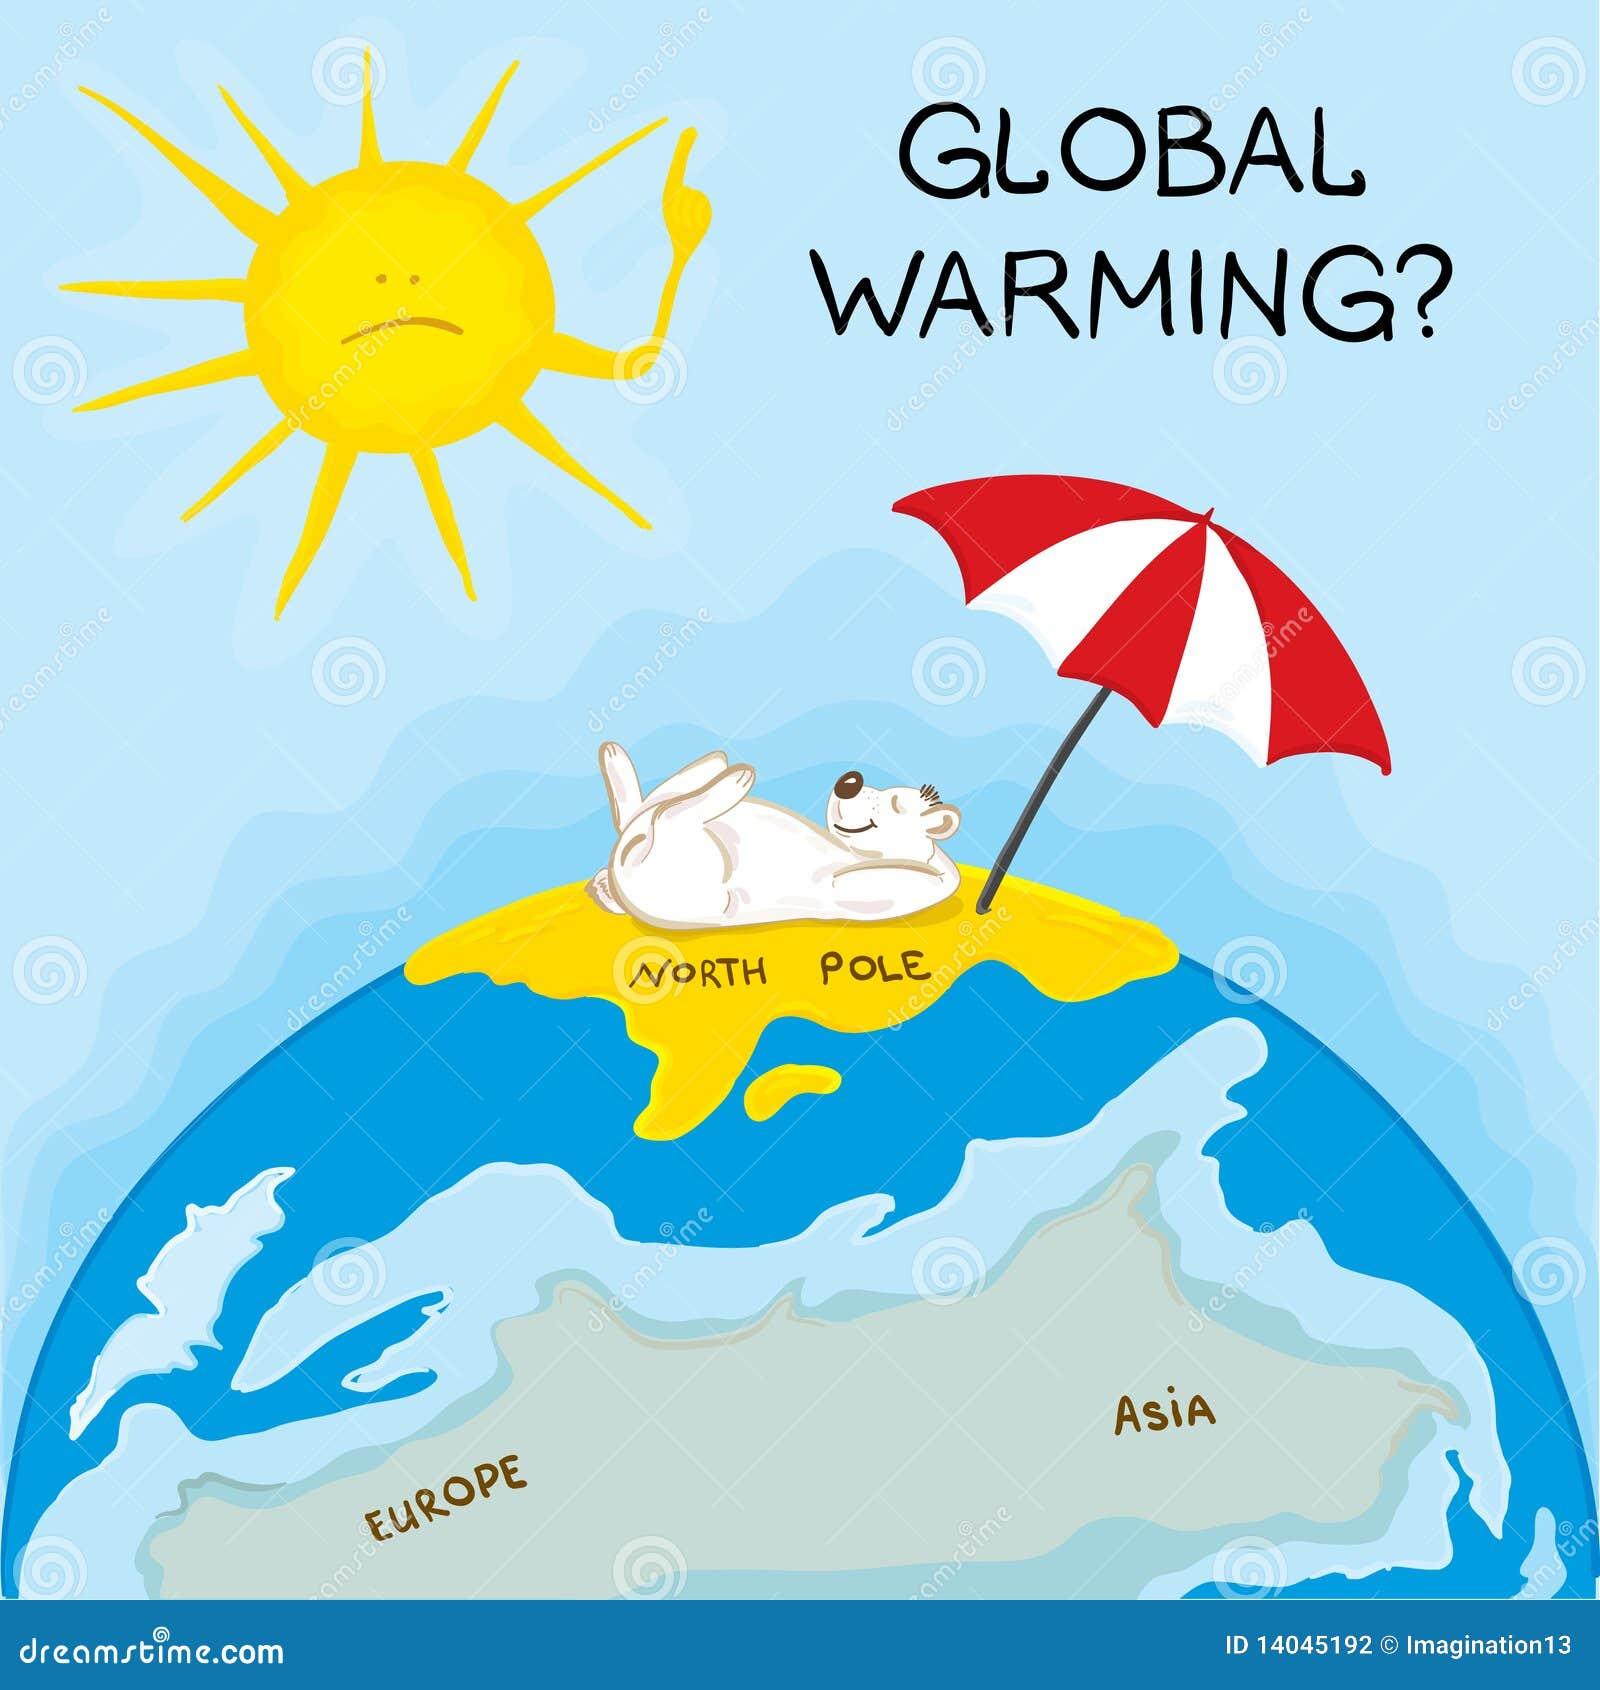 全球气候变暖英文_个人如何防止全球变暖英文_全球气温变暖的原因